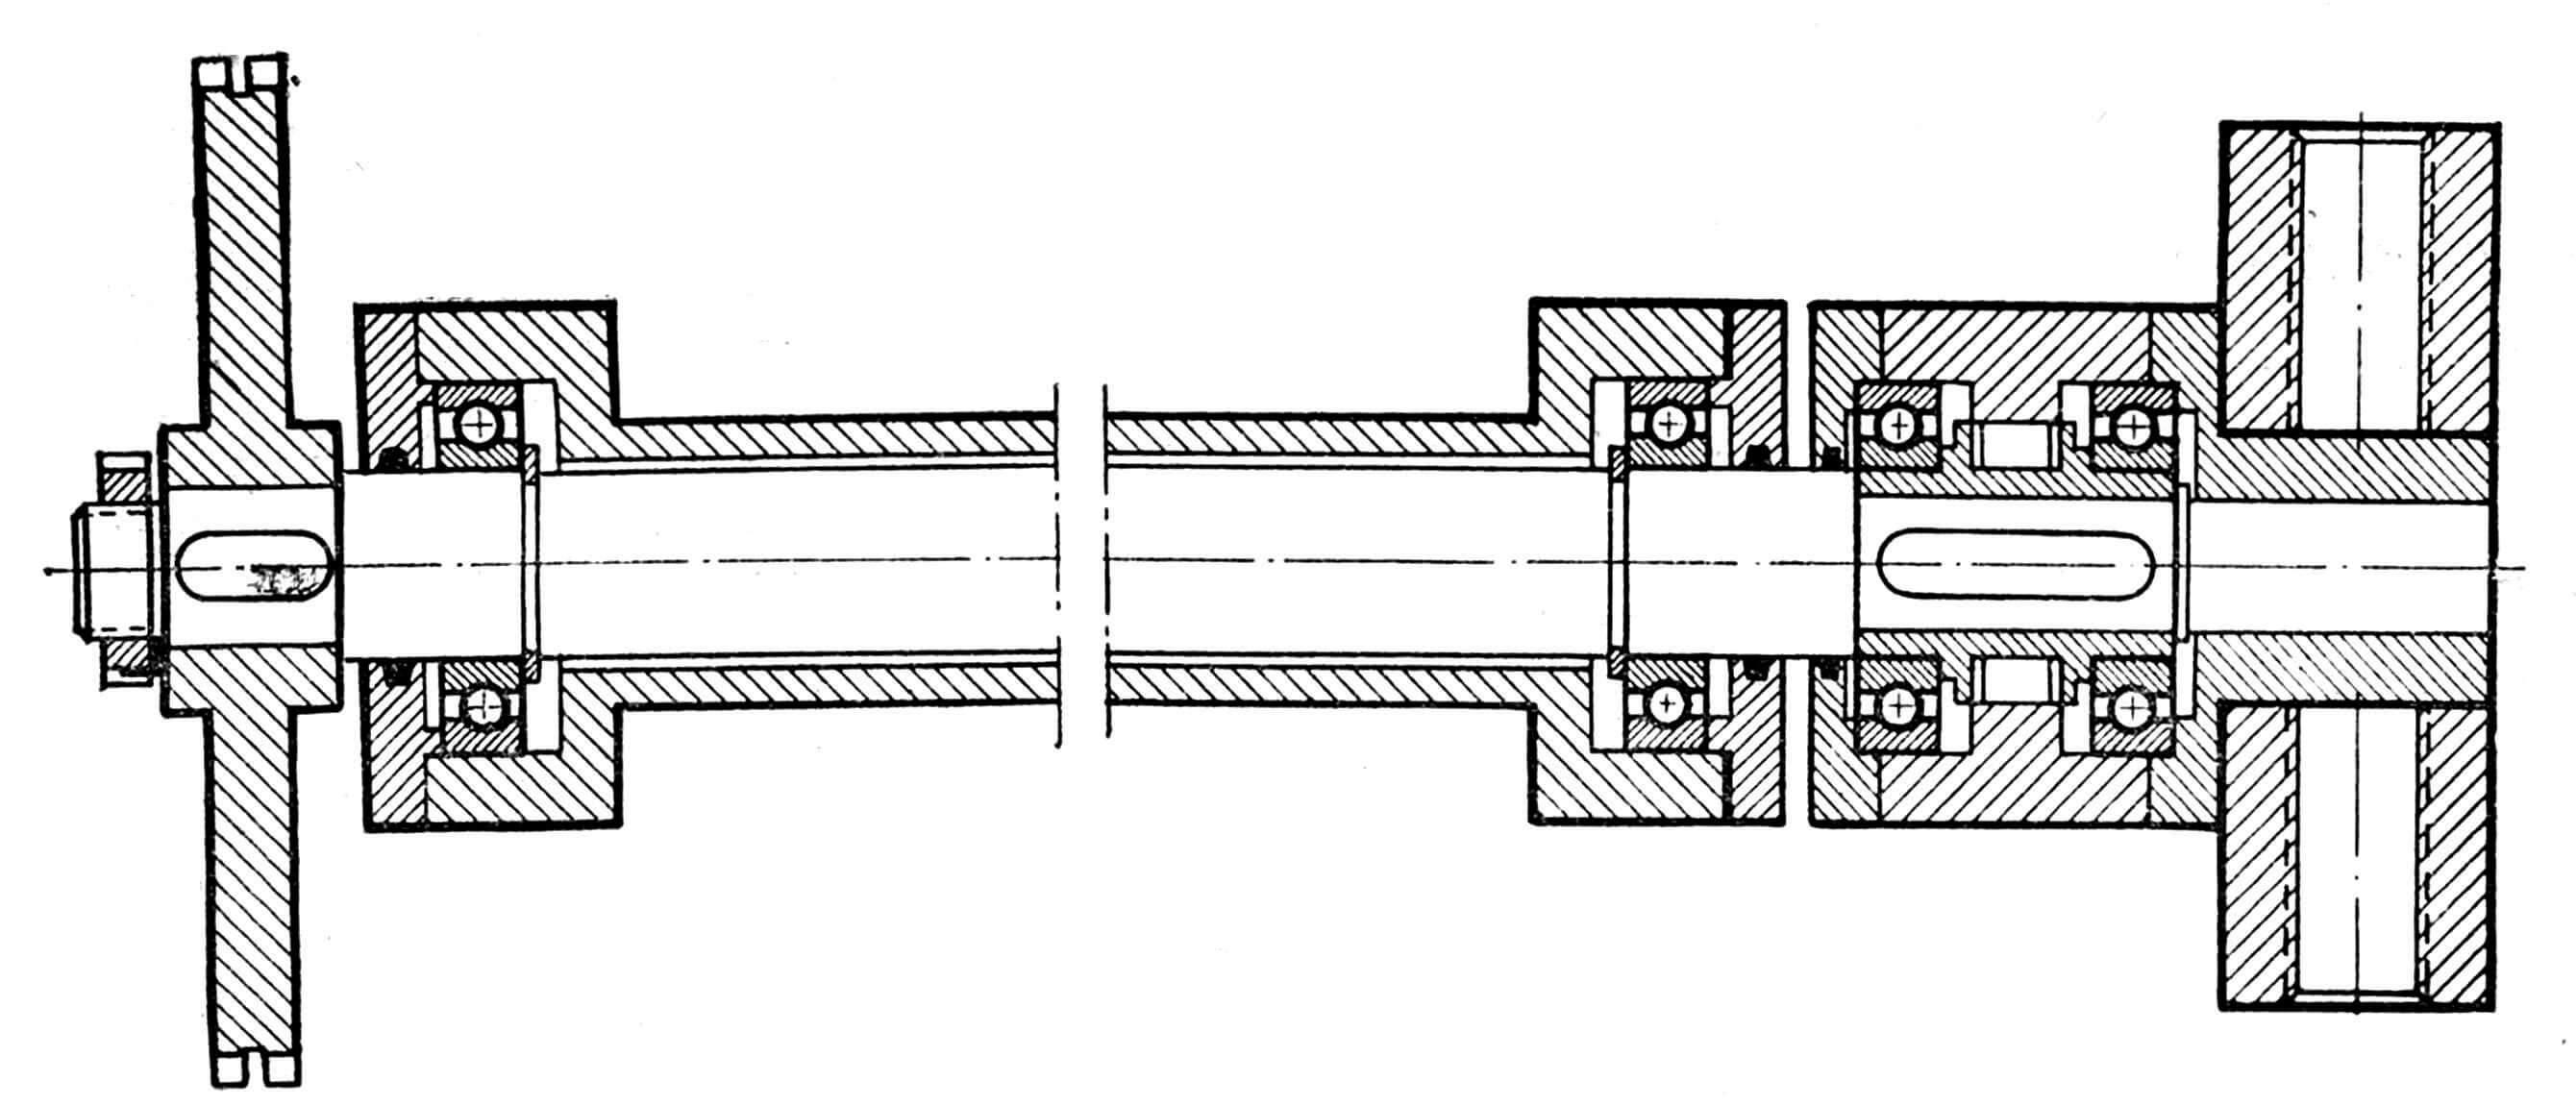 Рис. 2. Привод цепным редуктором